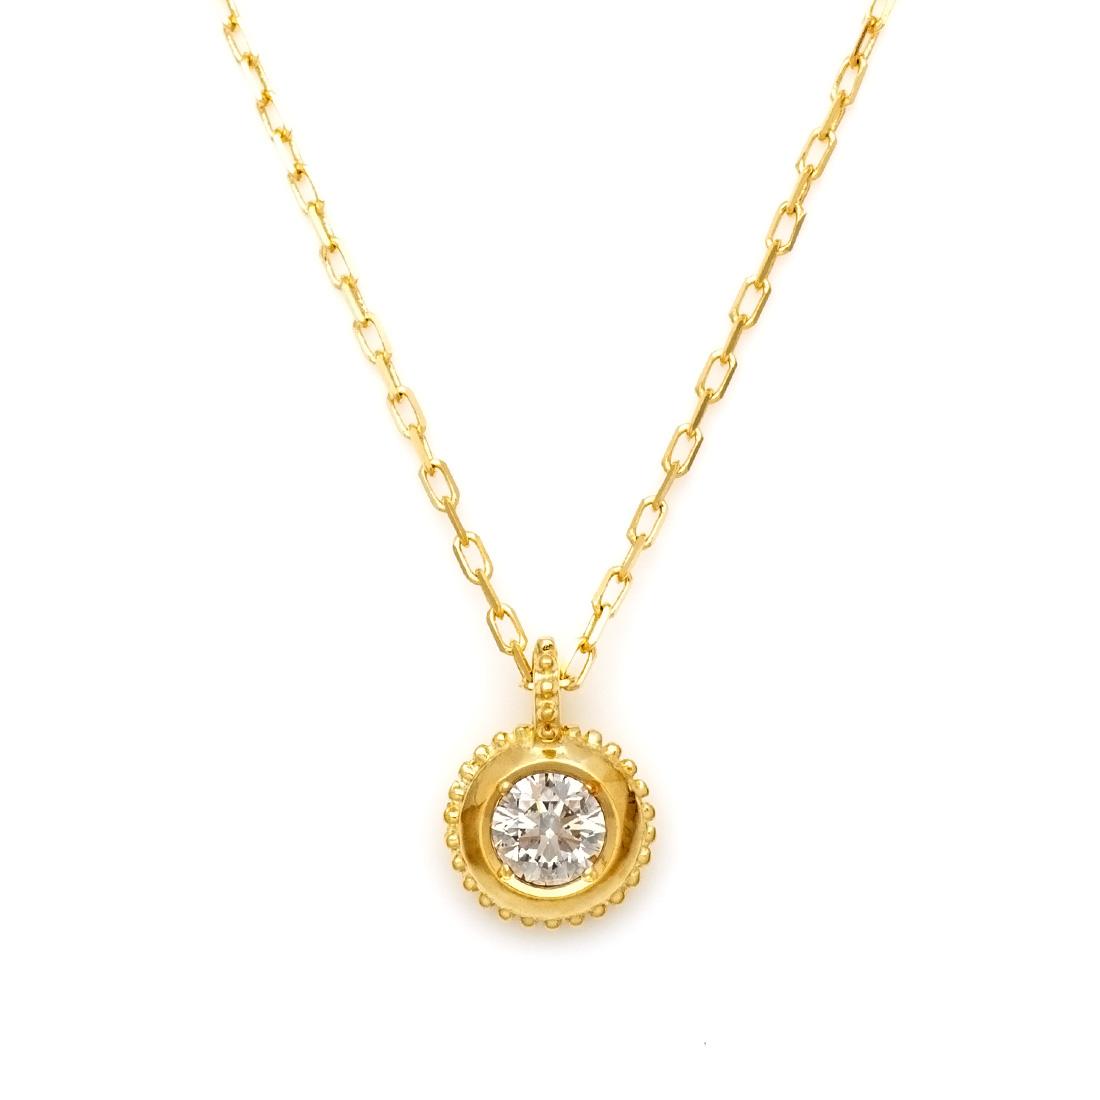 【GWクーポン配布中】ペンダント ダイヤモンド 0.1ct 「Rudder」 ゴールド K18 アズキチェーン 送料無料